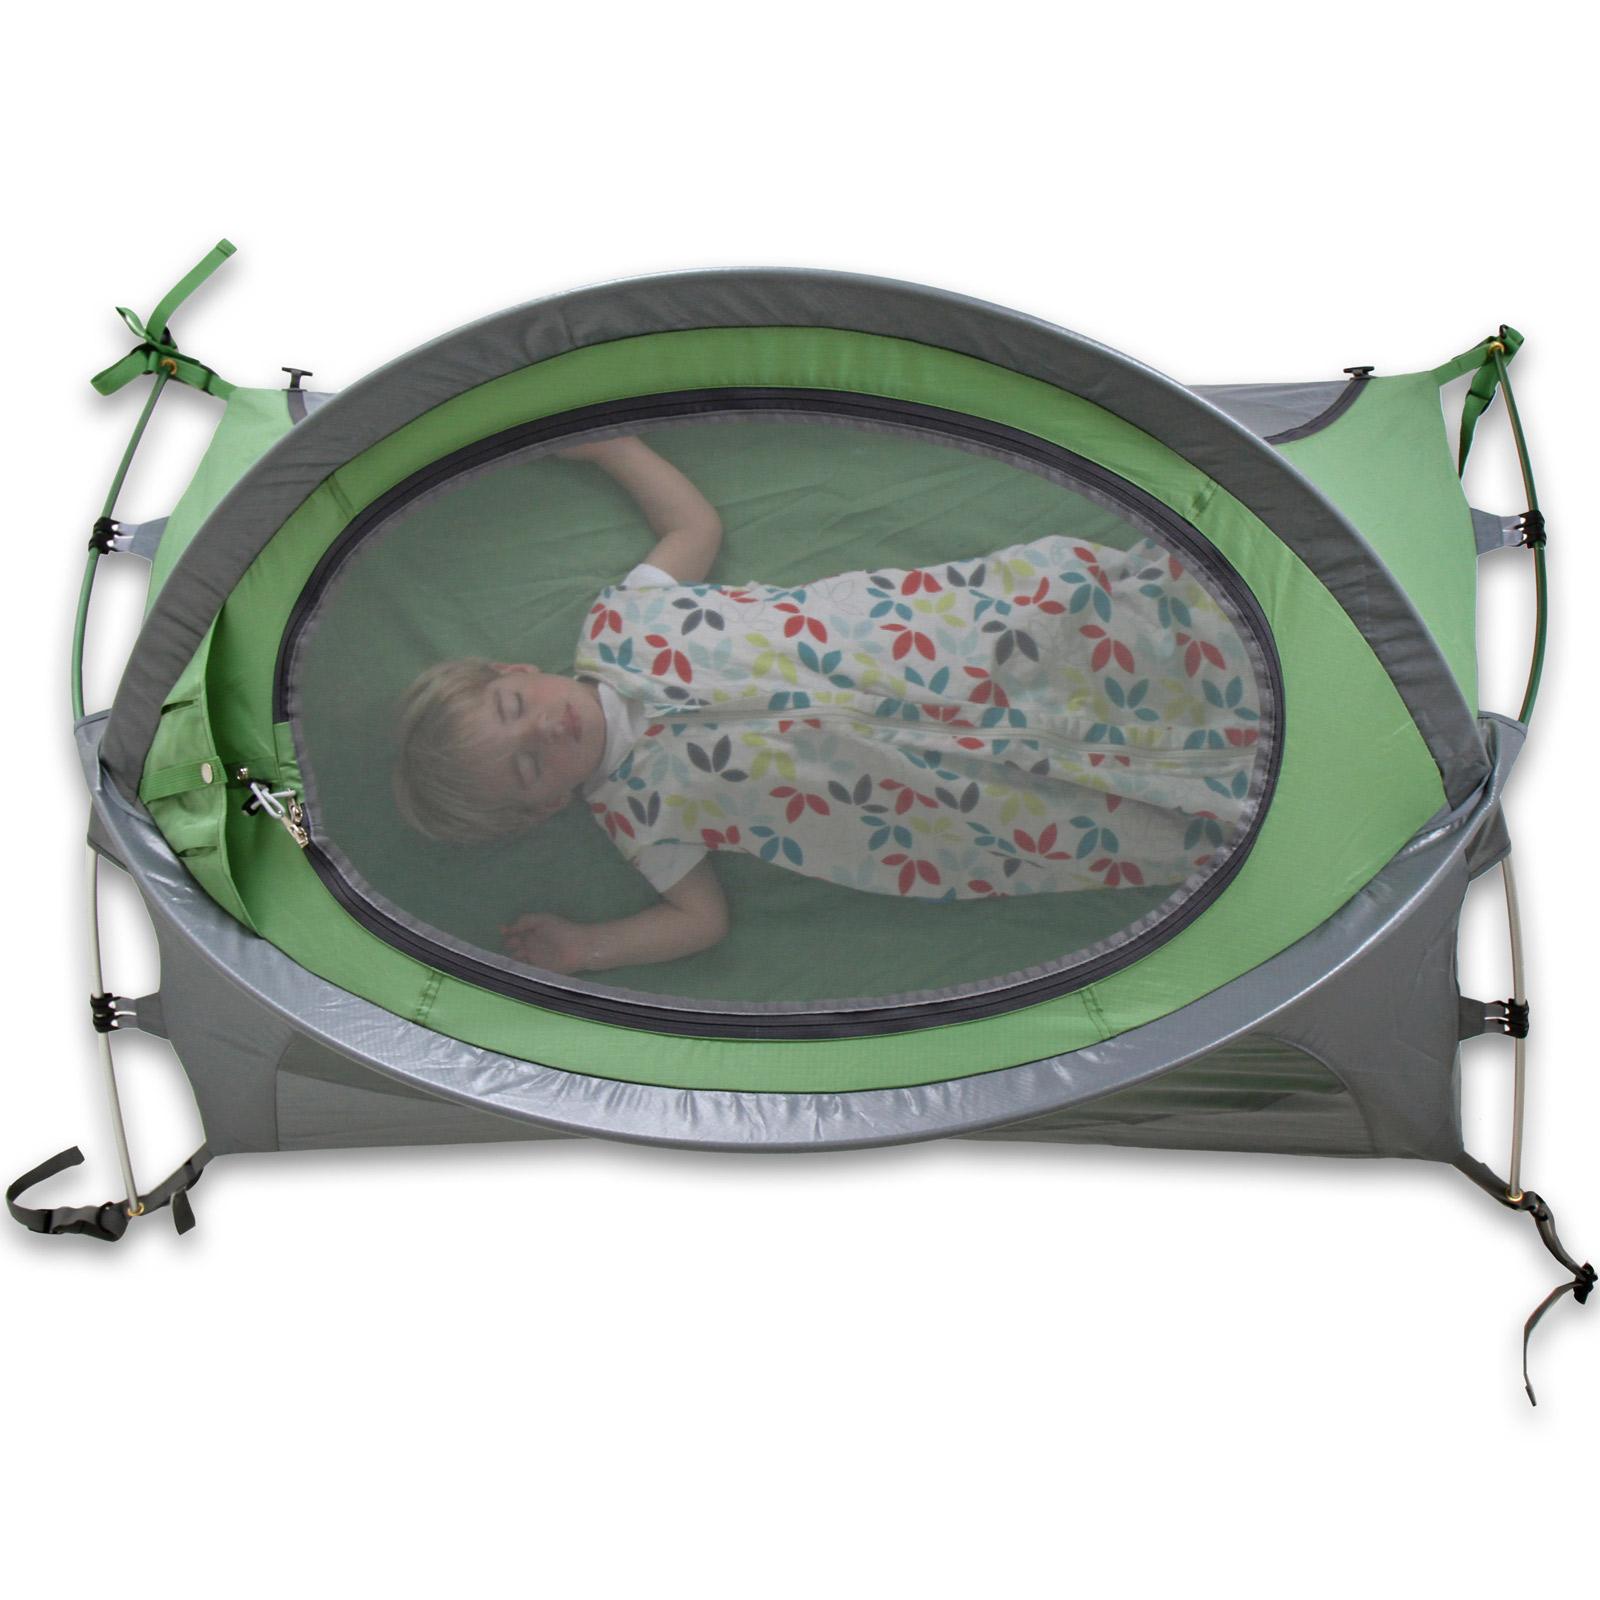 lit bébé tente